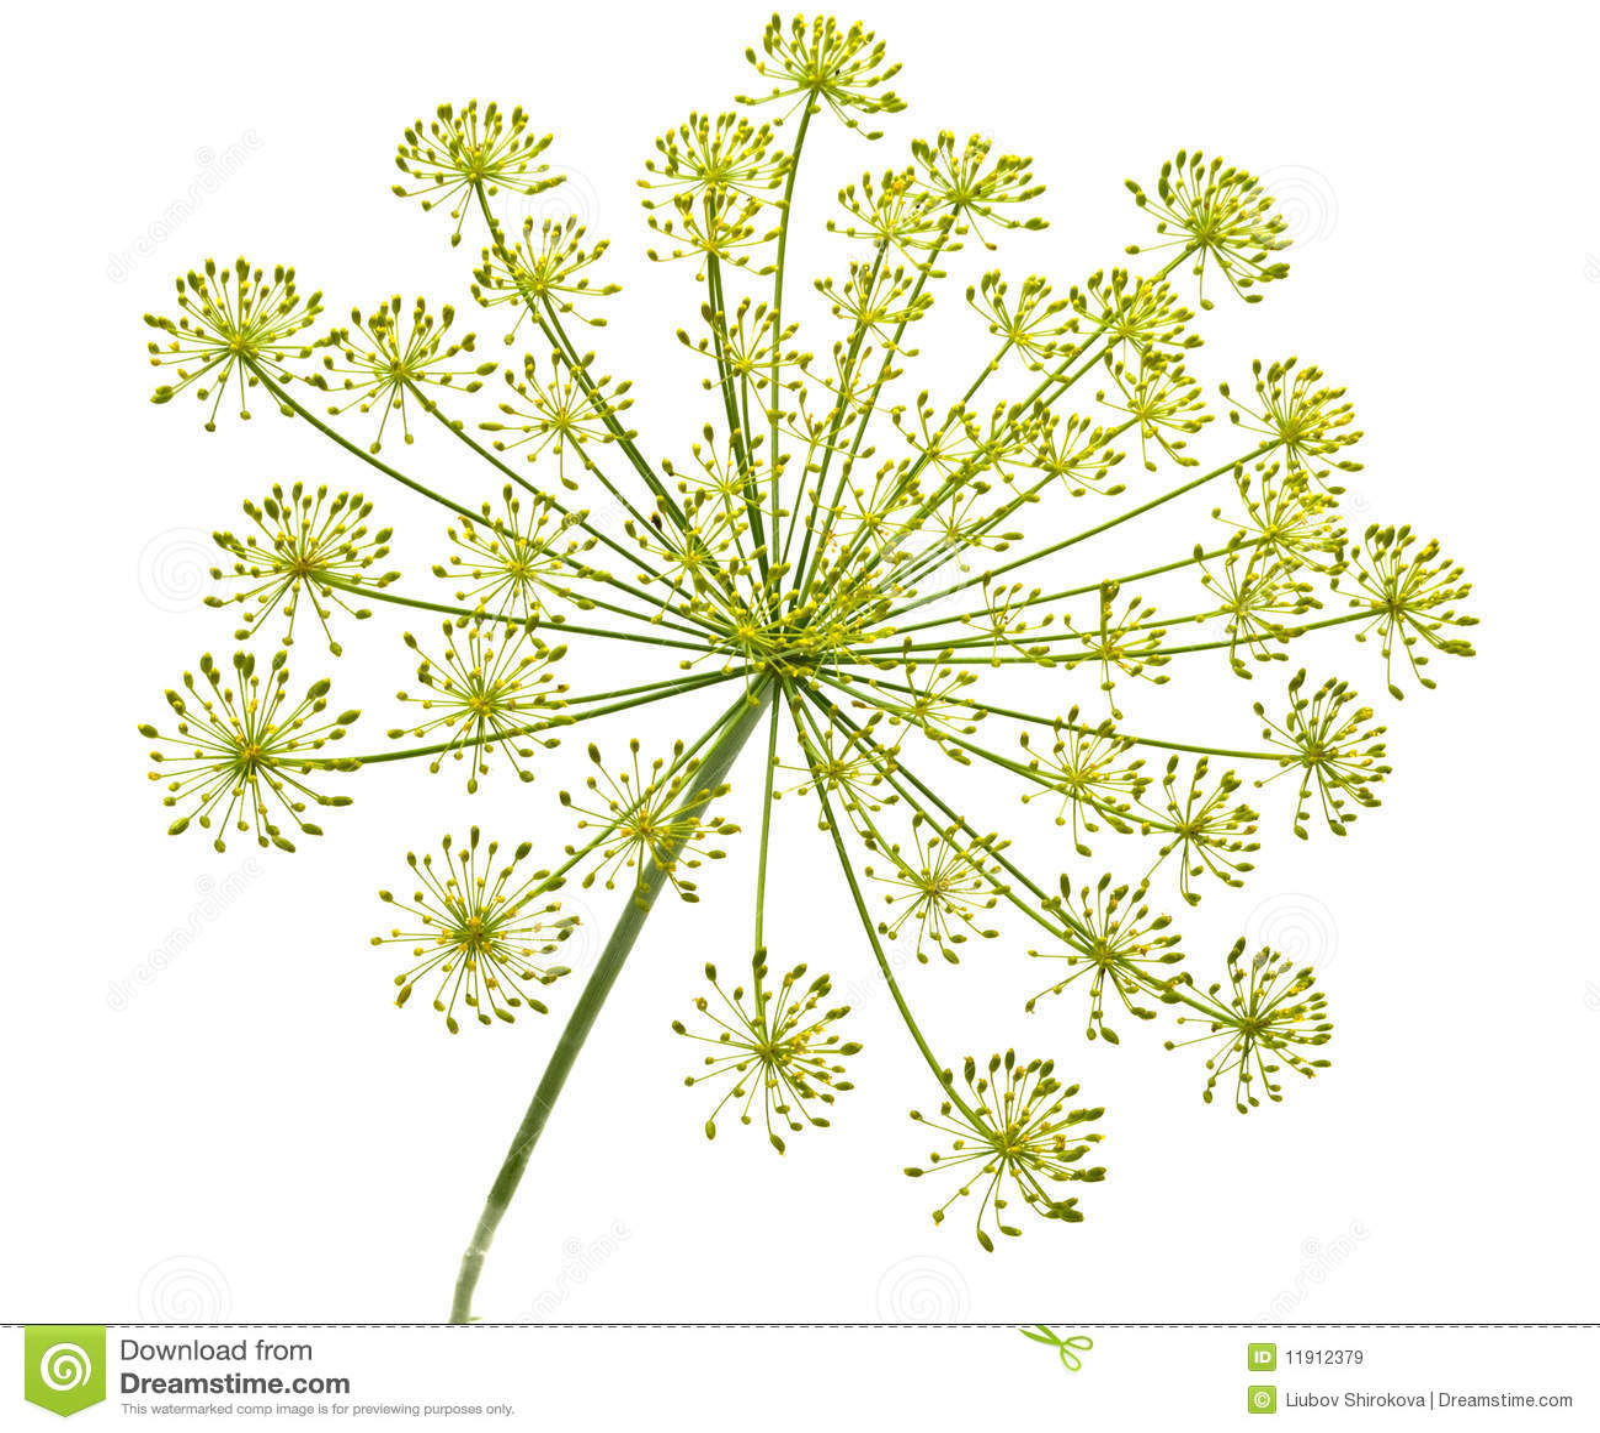 Organic Nature Pattern